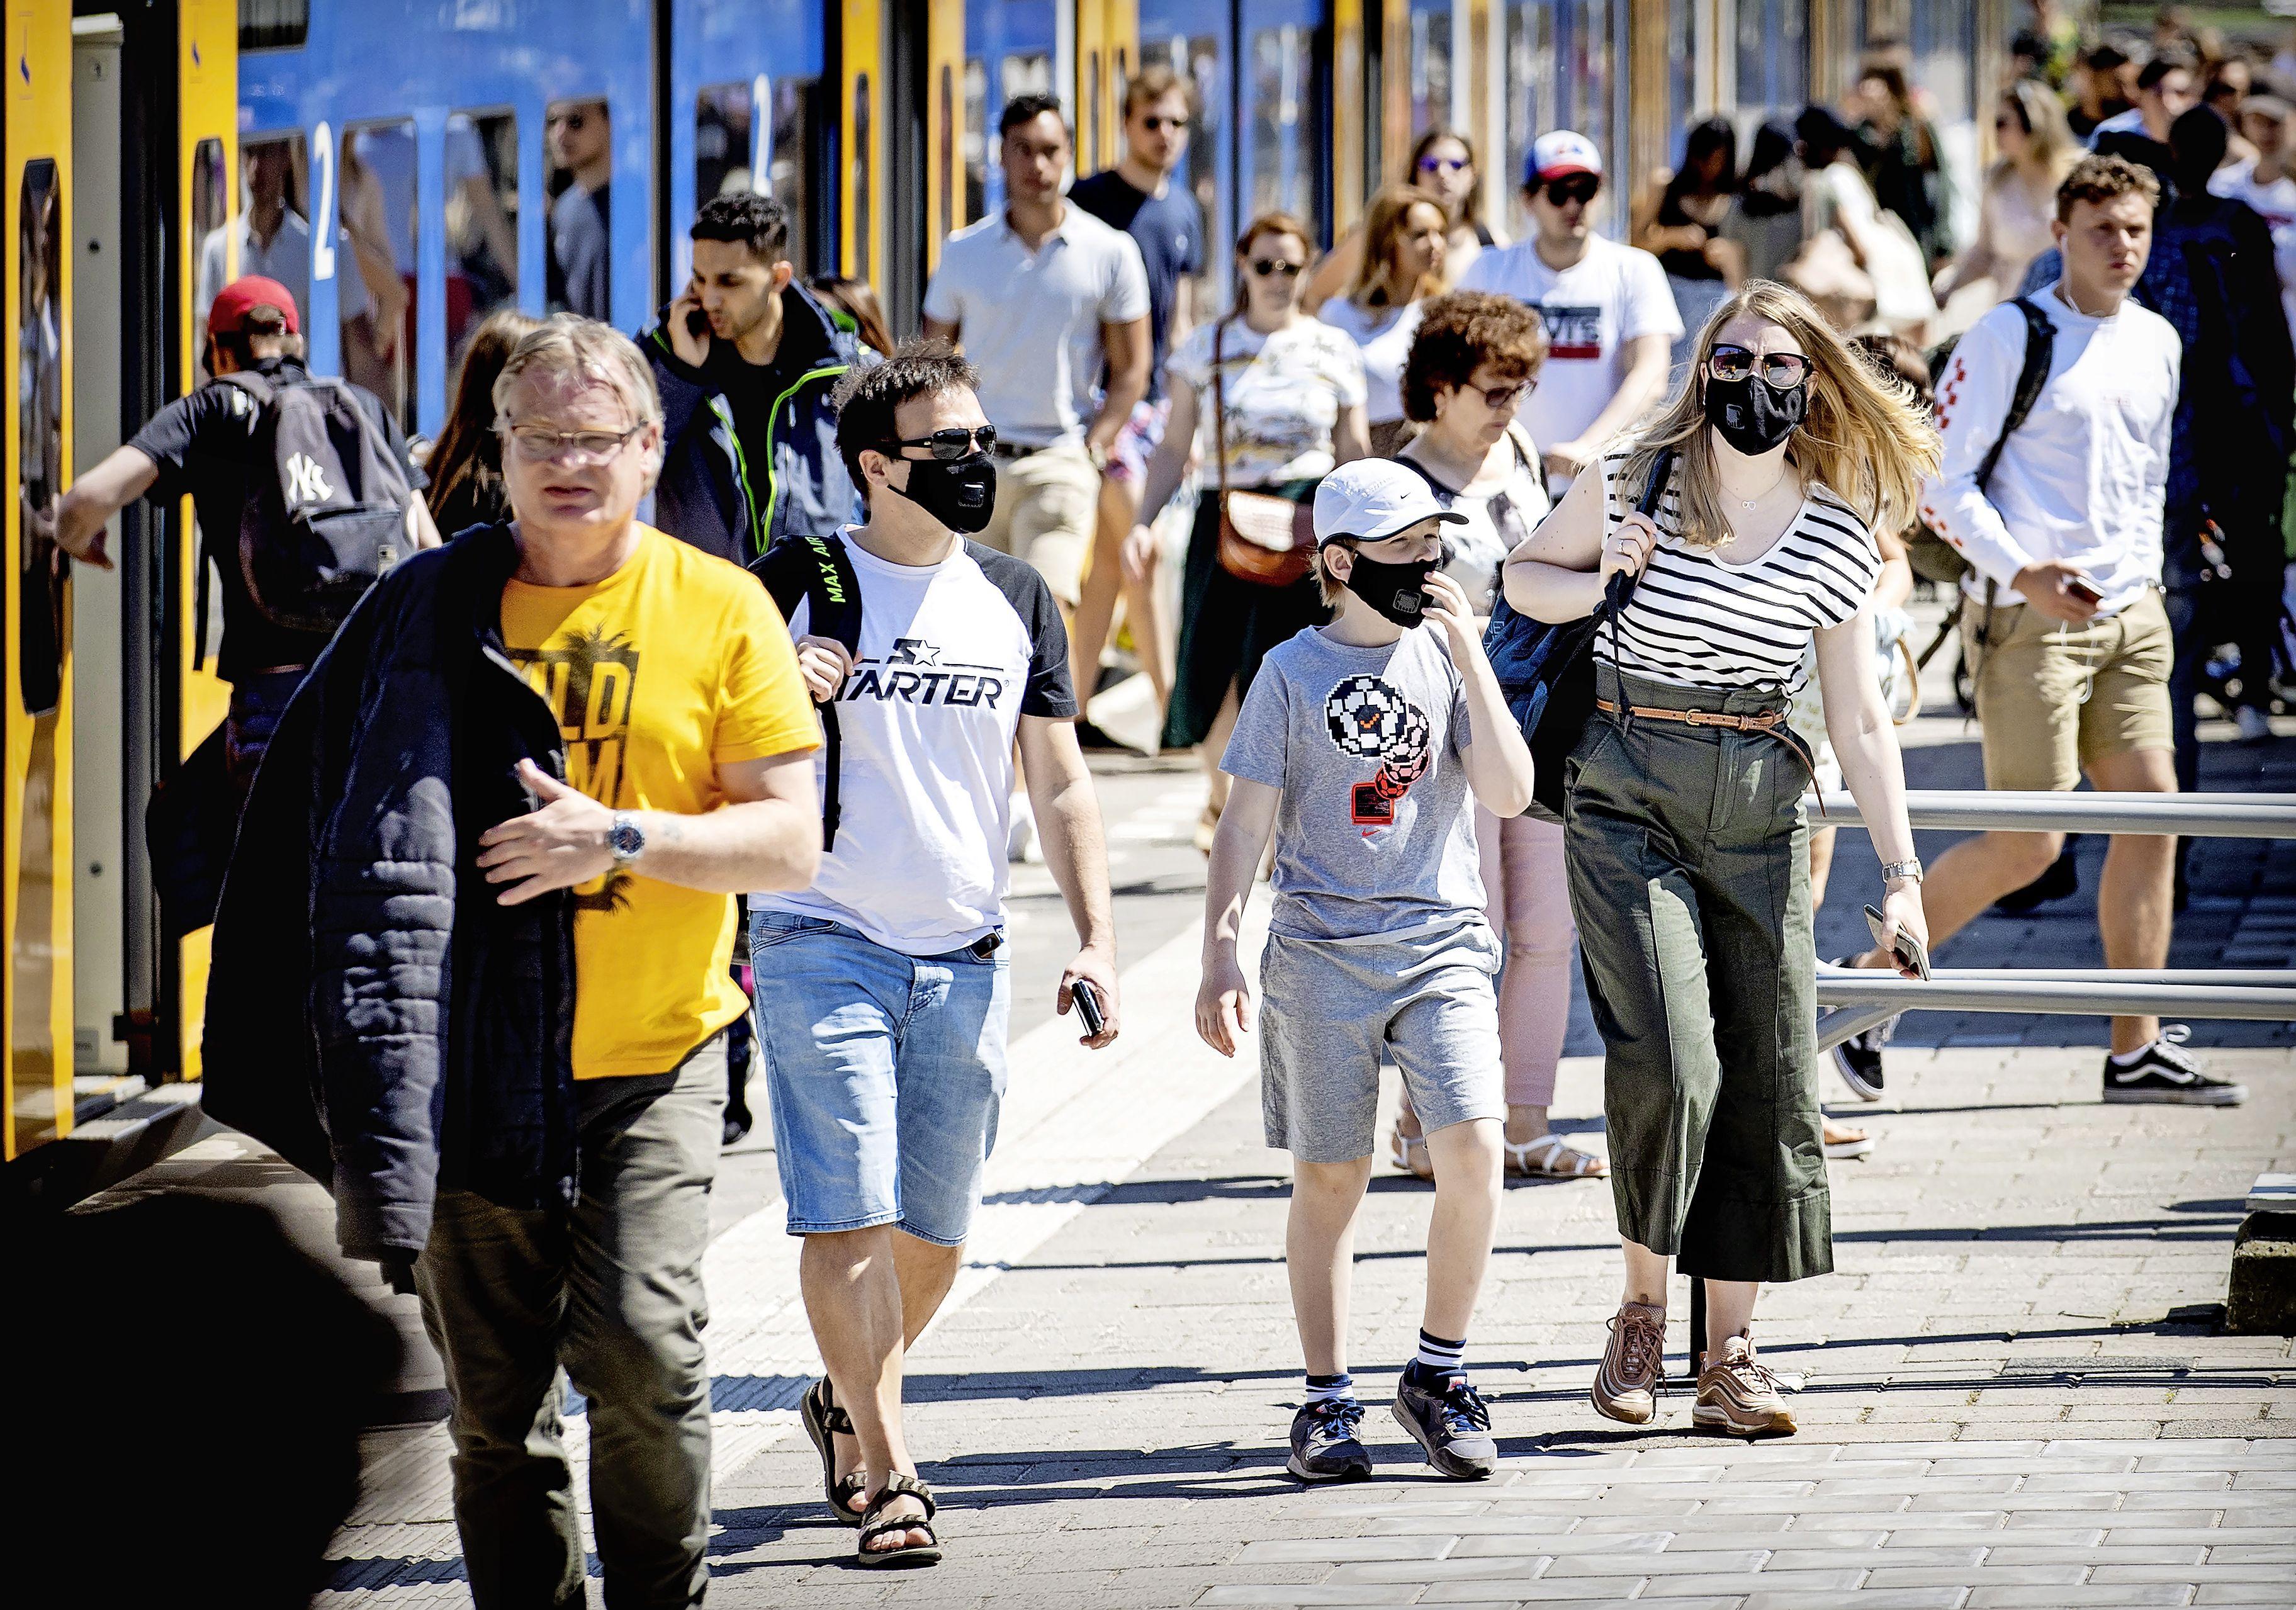 NS wil F1-fans 'op maat' naar Zandvoort vervoeren